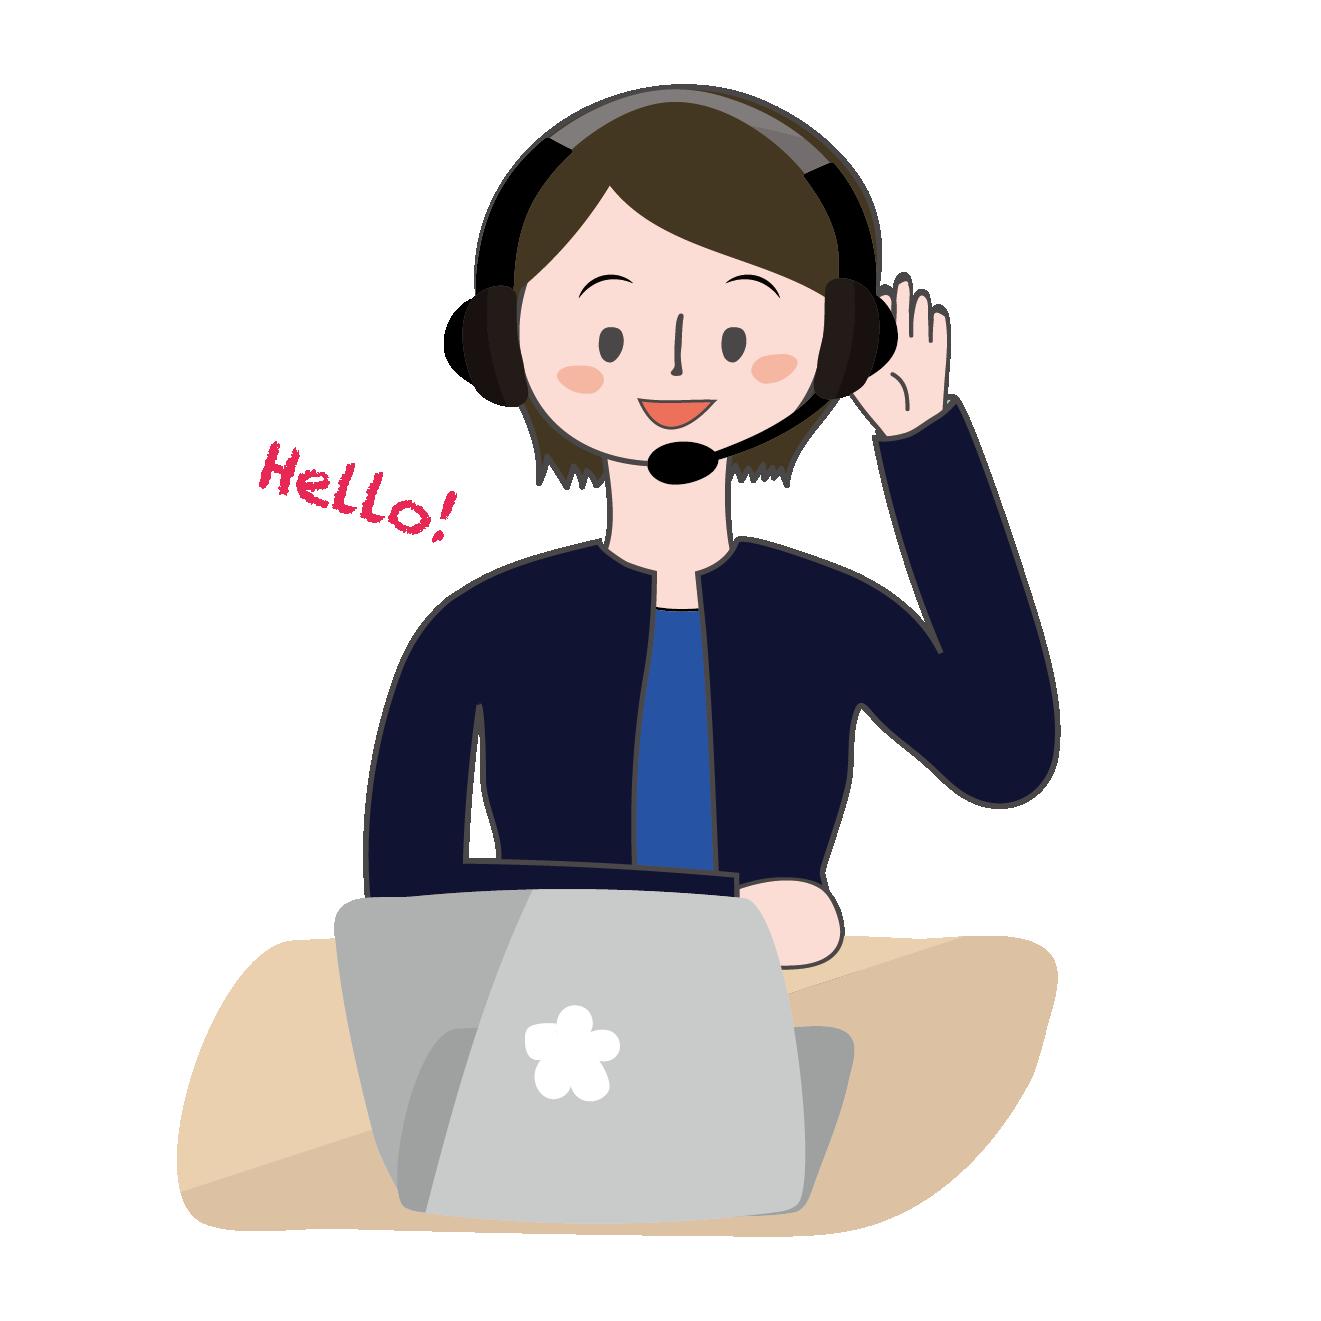 オンラインビジネス英会話を学ぶ社会人(女性)イラスト | 商用フリー